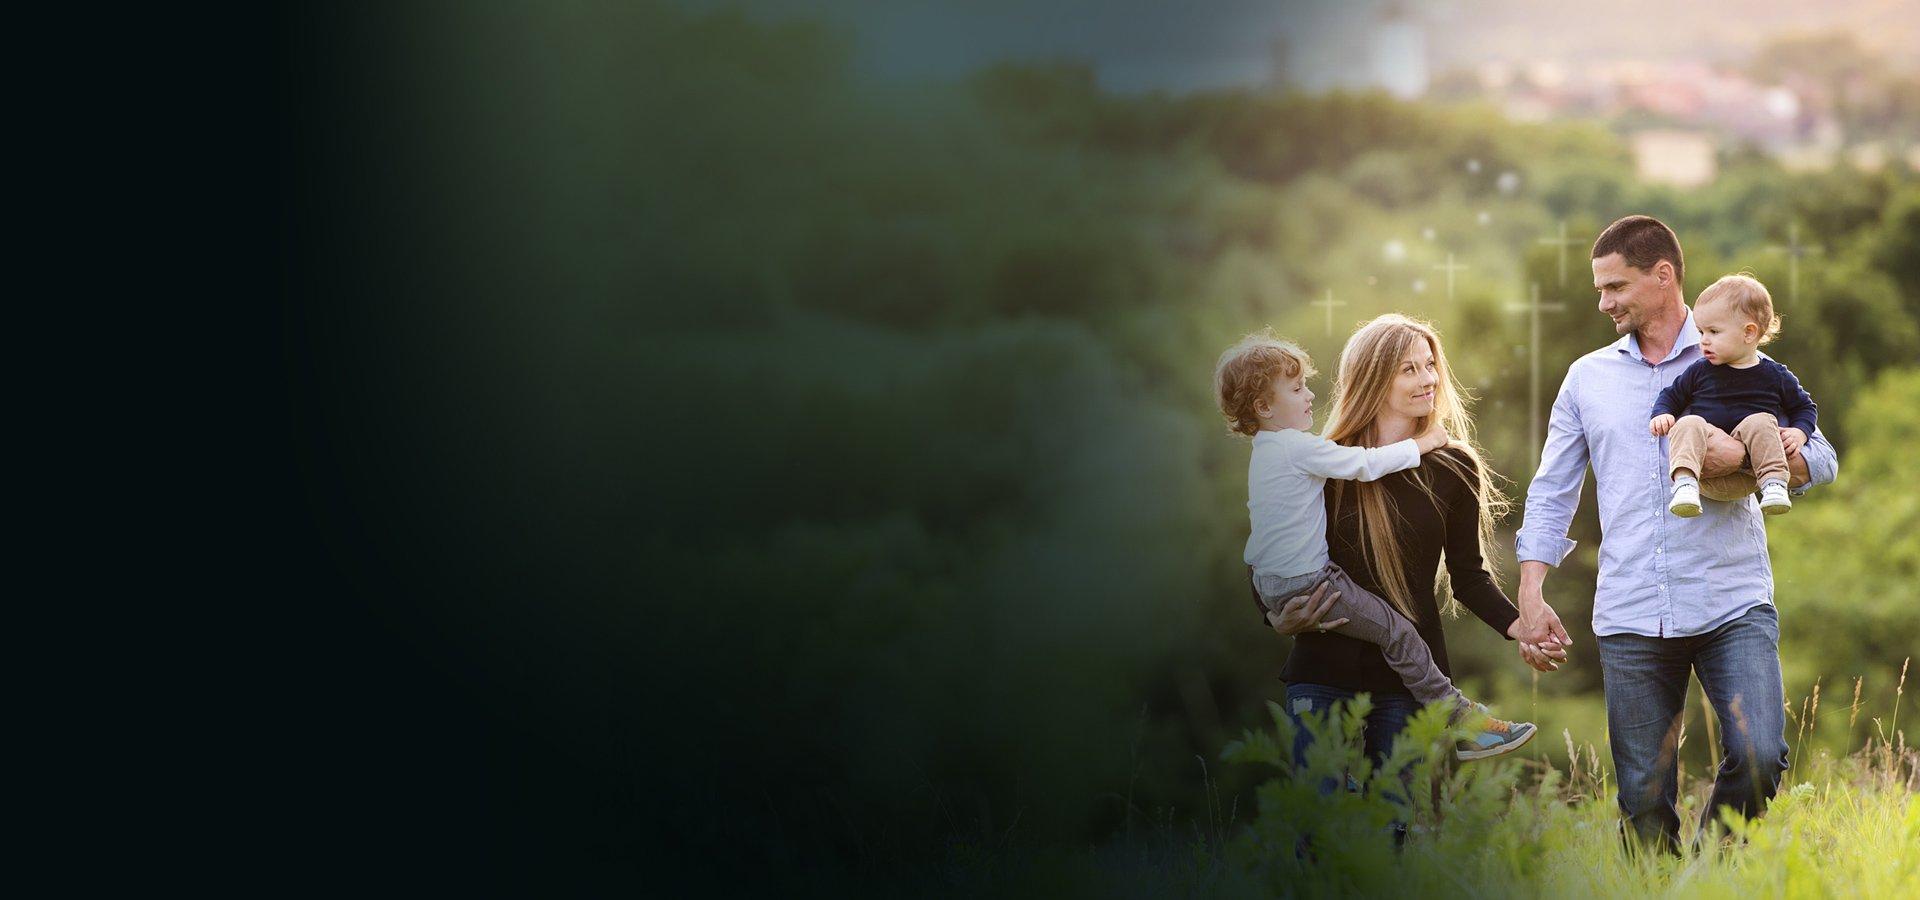 Pure Flix Family Content for Parents